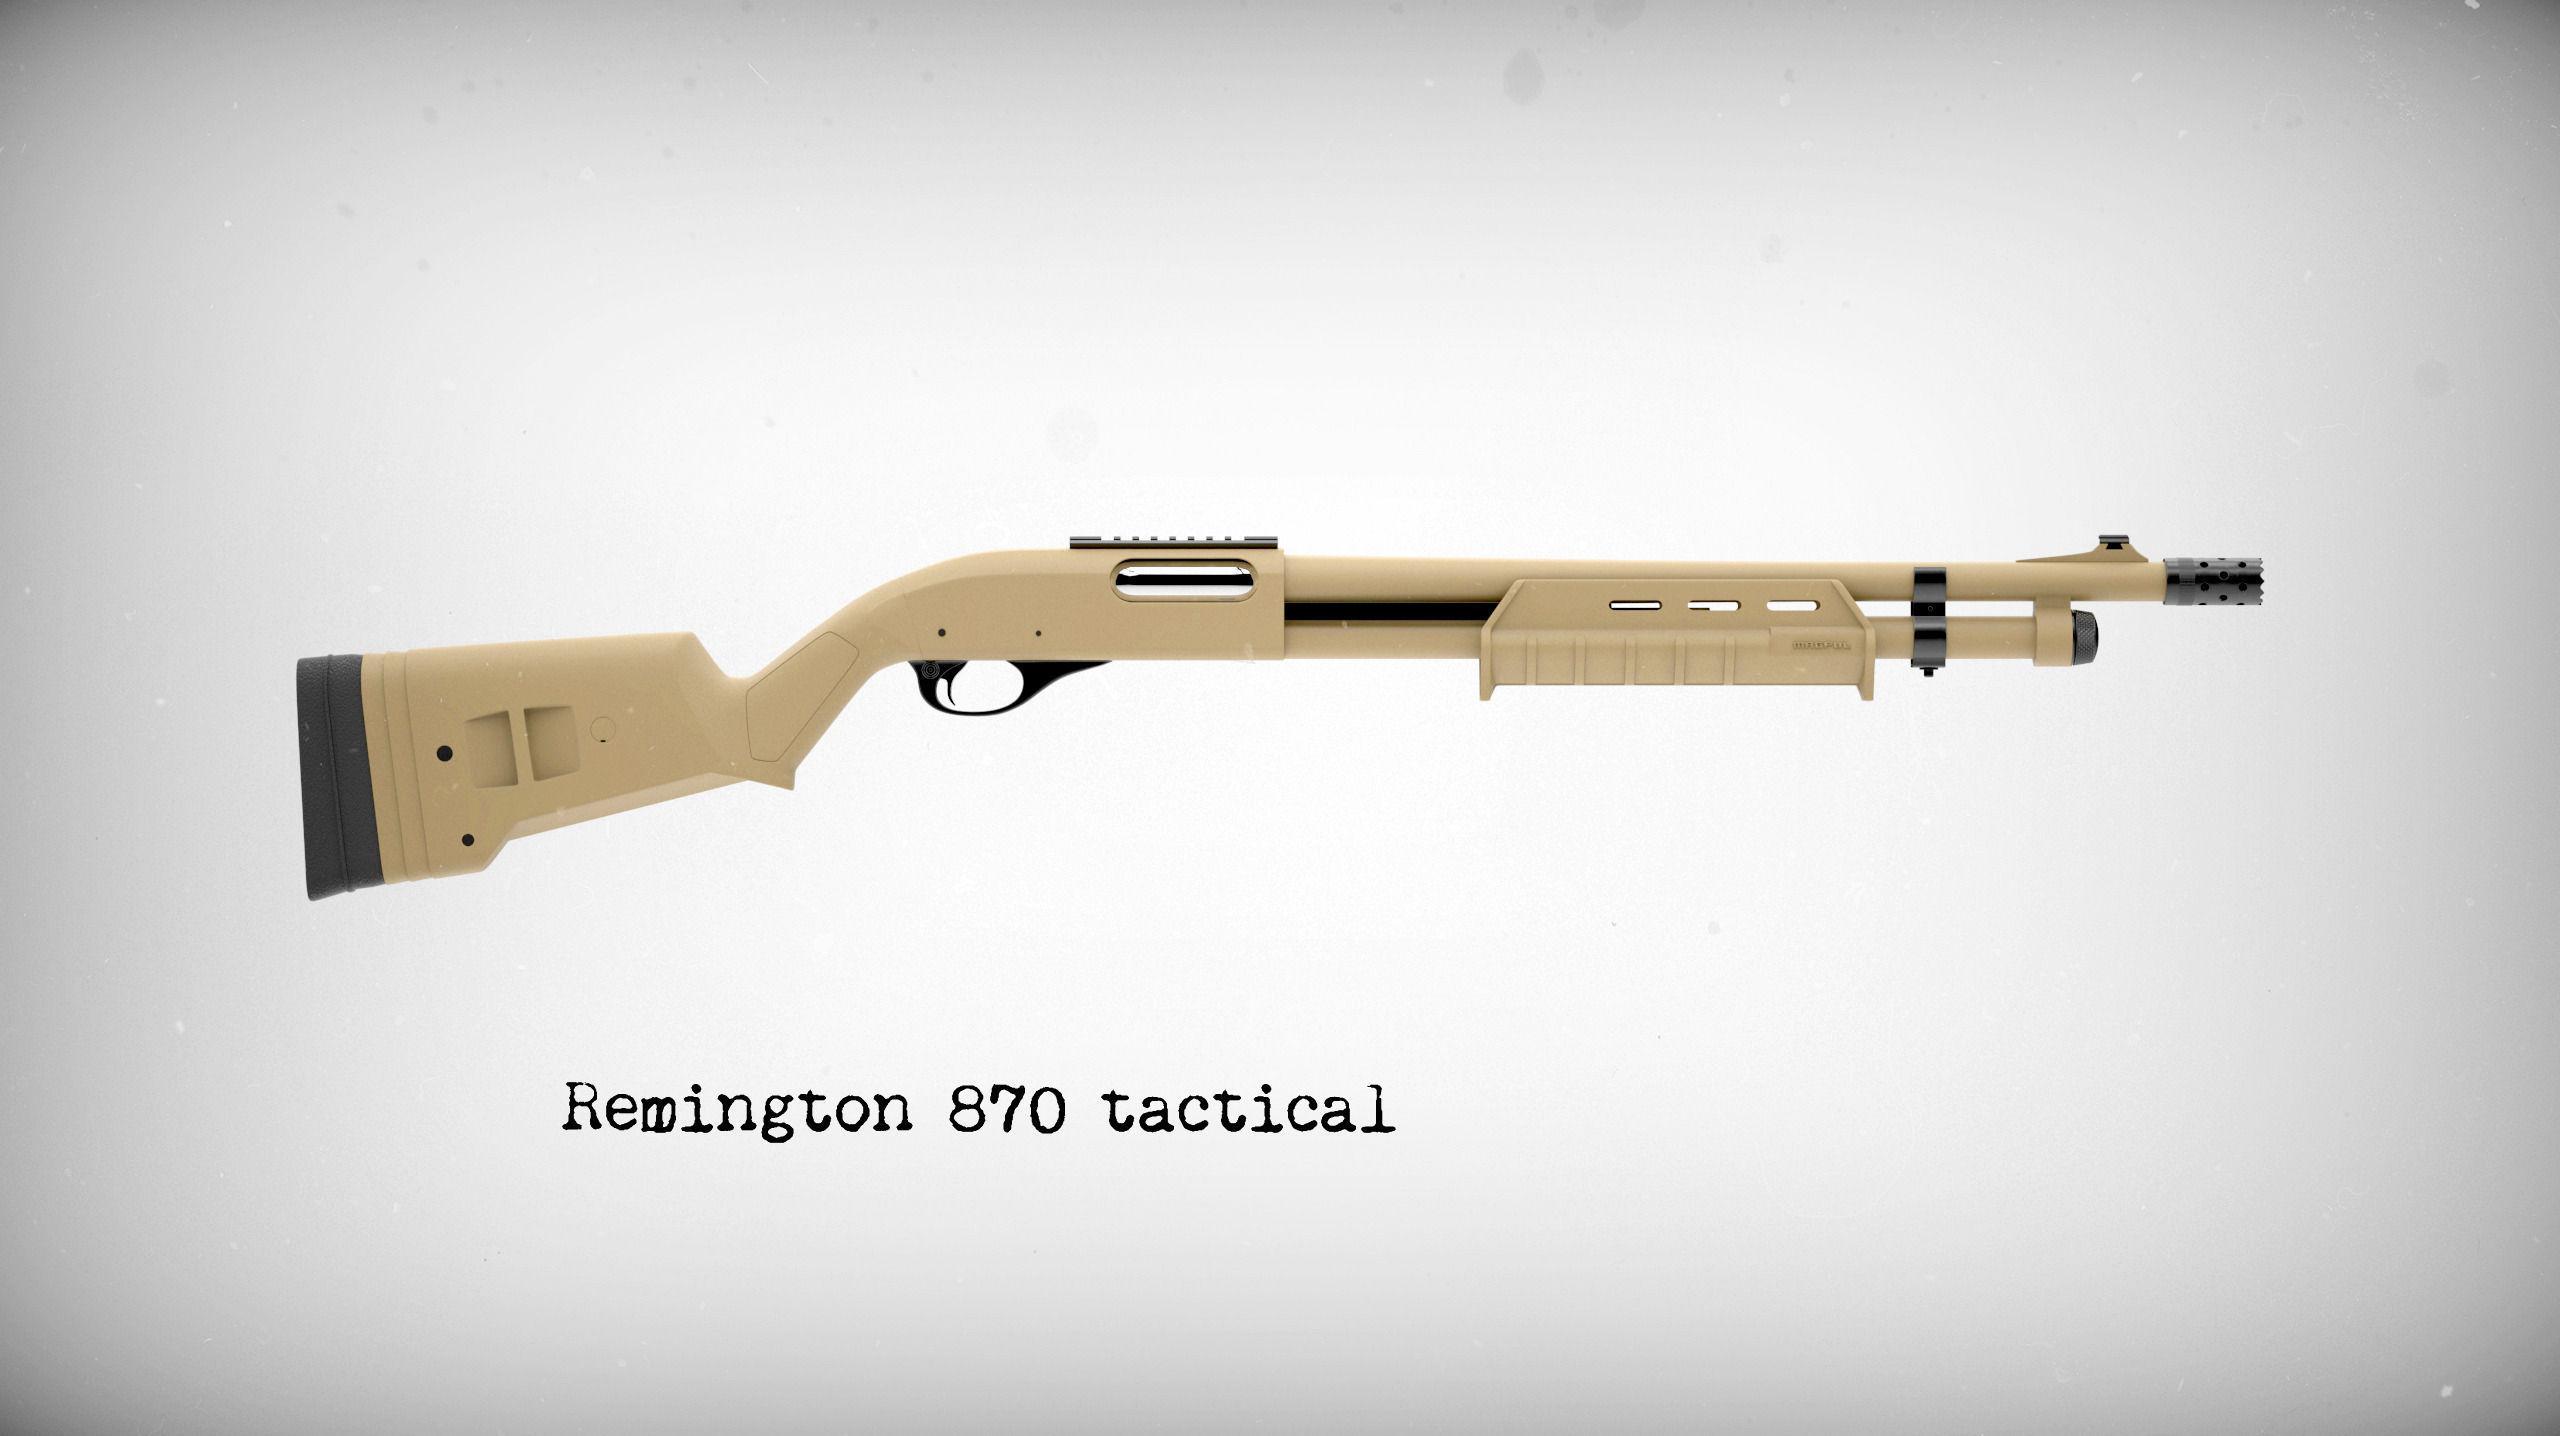 Remington 870 tactical 3d model max cgtrader com